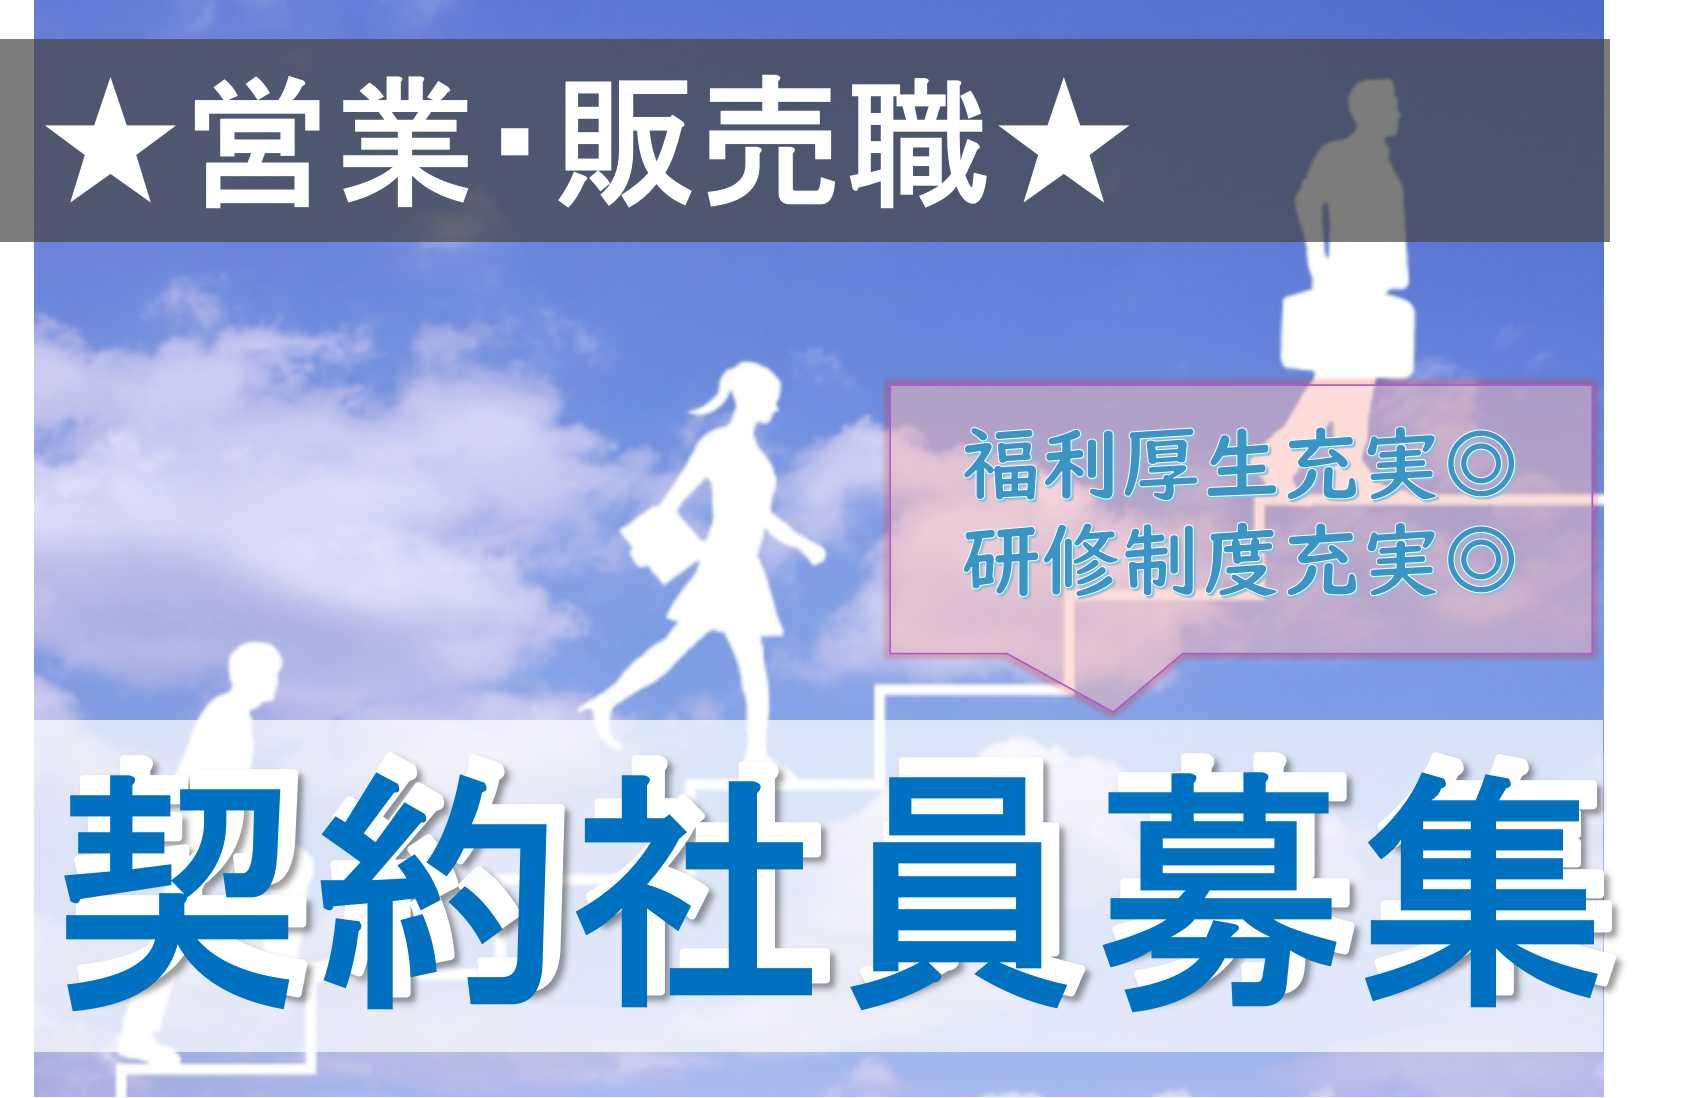 【愛知県小牧市】朝はゆっくり!残業なし!営業・販売職【即面談可能】 イメージ